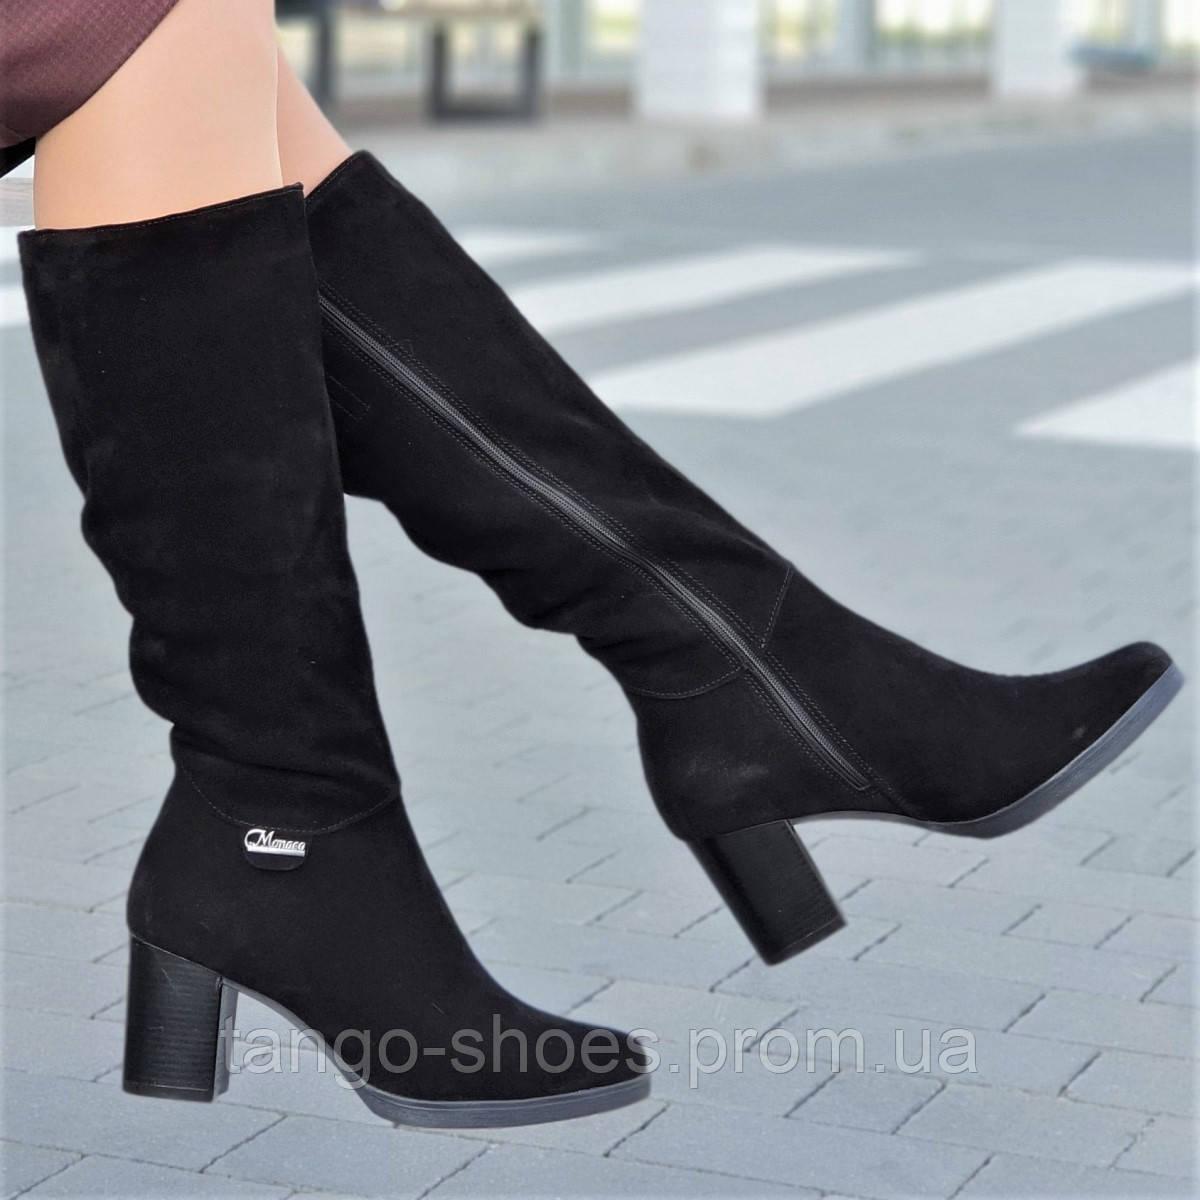 Женские зимние модельные сапоги на широком каблуке натуральная замша черные  полушерсть стильные (Код  Т1252 218923d0f31c5